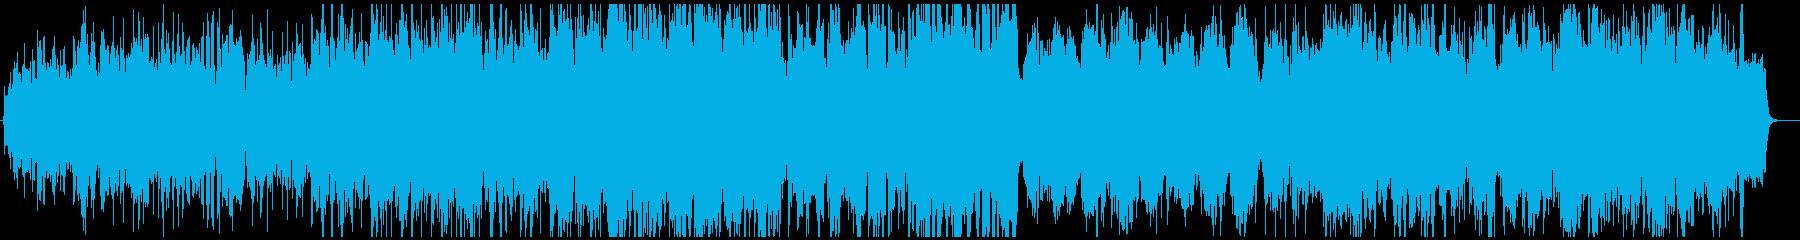 感動的な弦楽オーケストラと情熱的な流れるの再生済みの波形